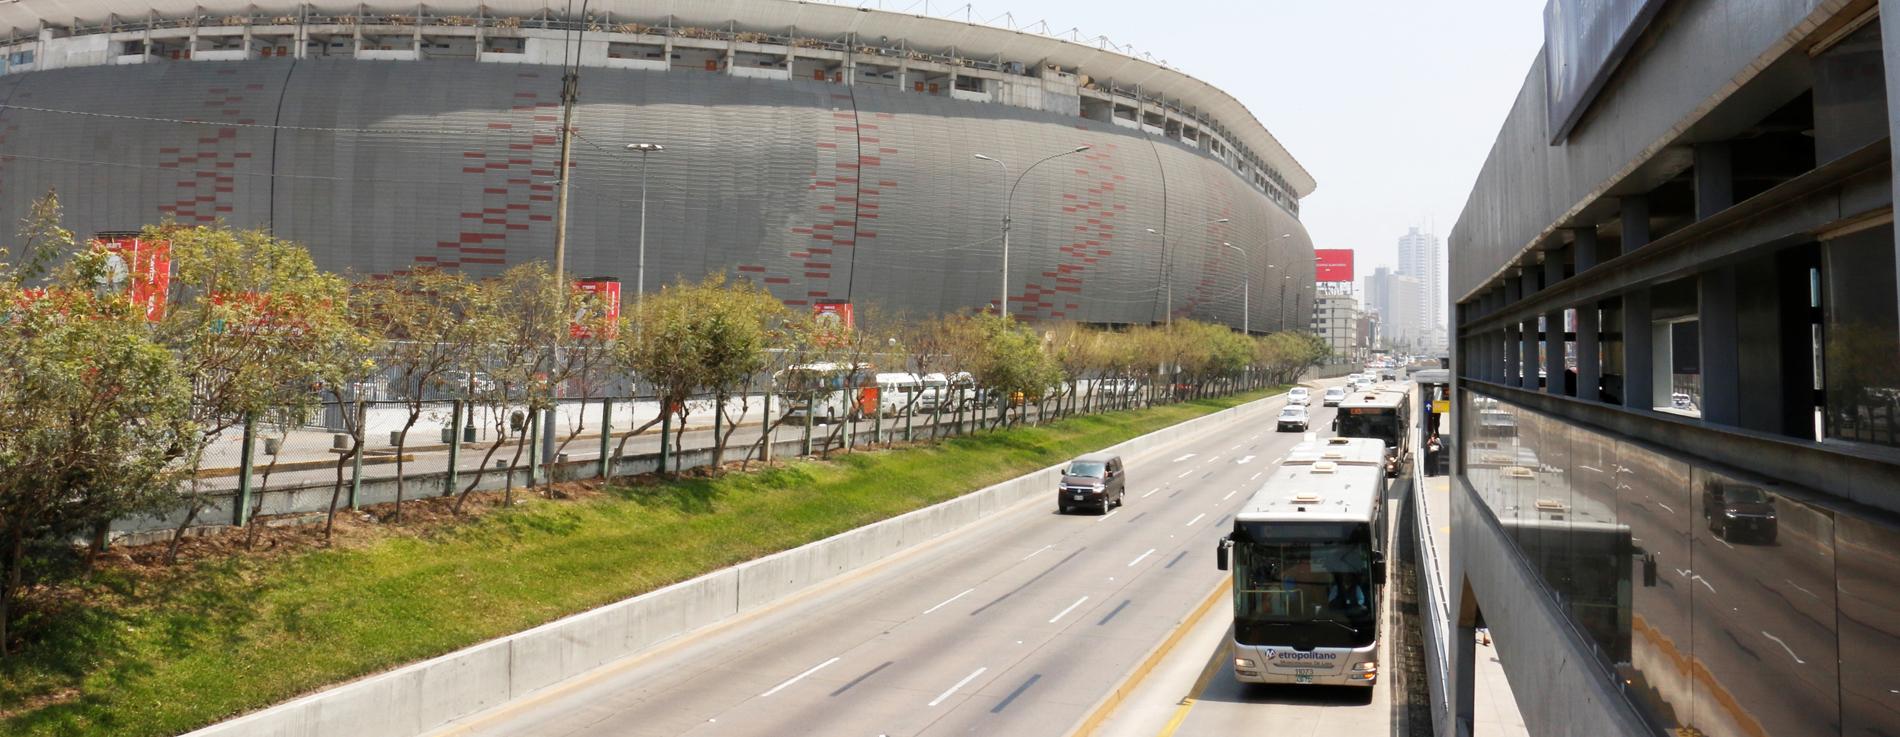 estadio nacional okk